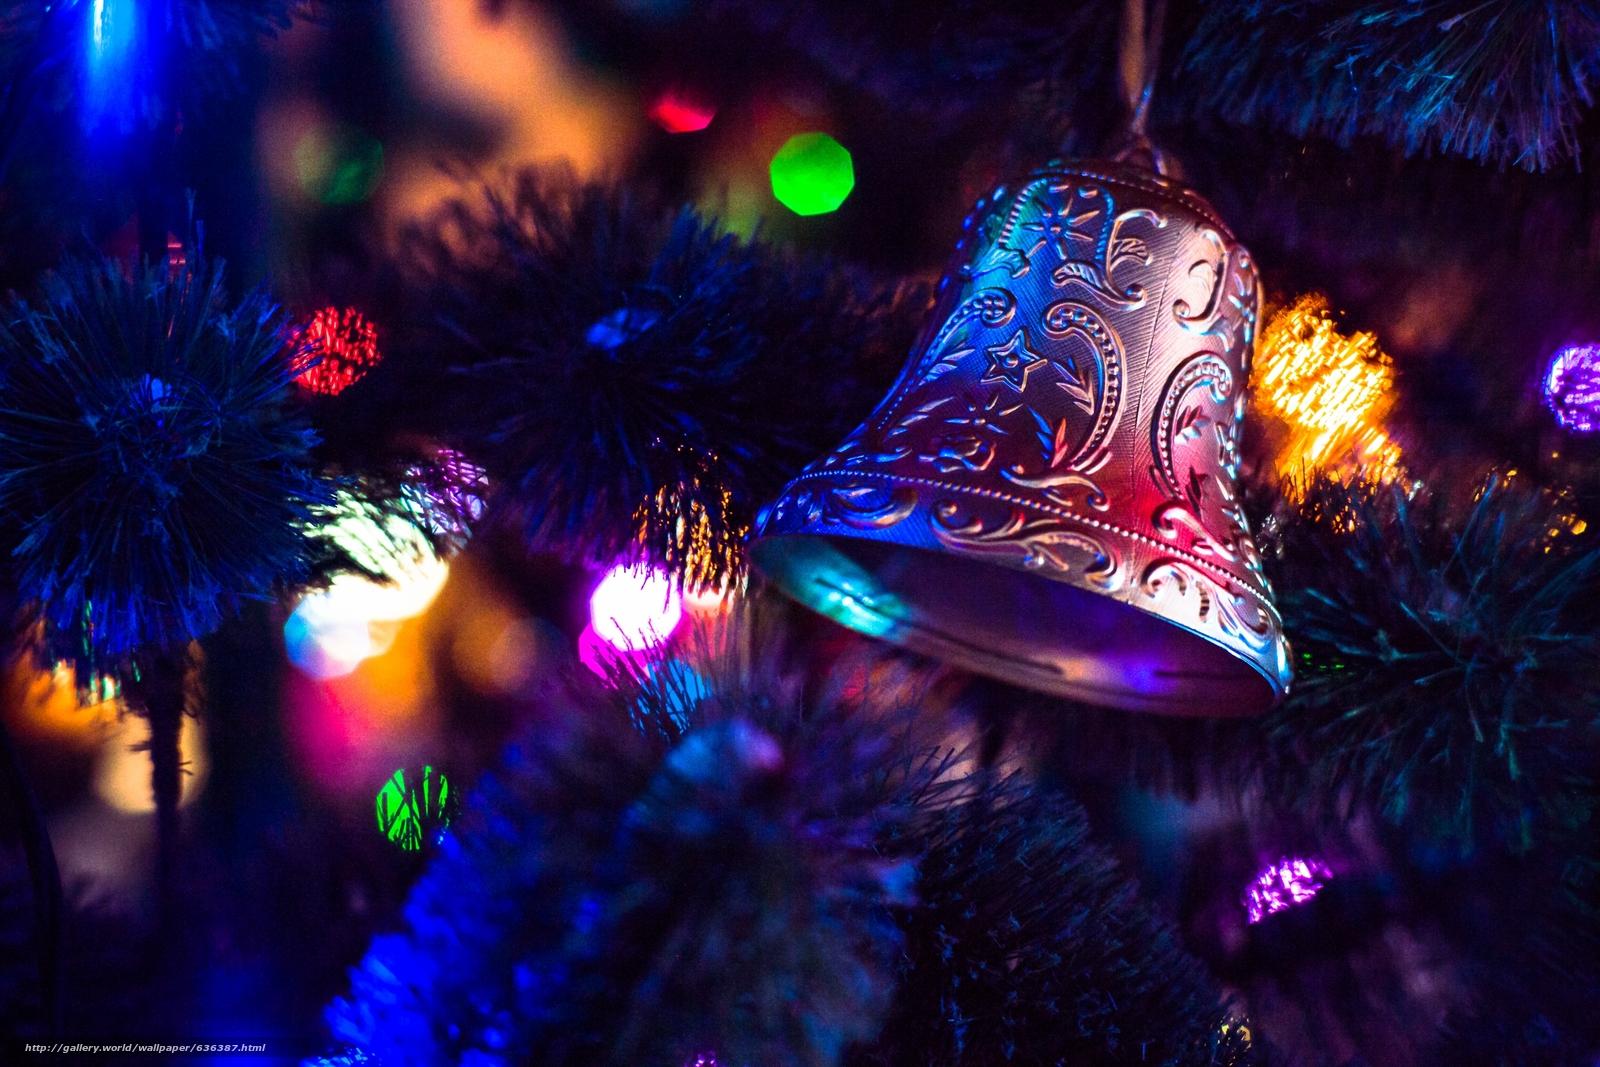 Скачать обои новогодняя ёлка,  гирлянды,  огни,  игрушки бесплатно для рабочего стола в разрешении 2496x1664 — картинка №636387